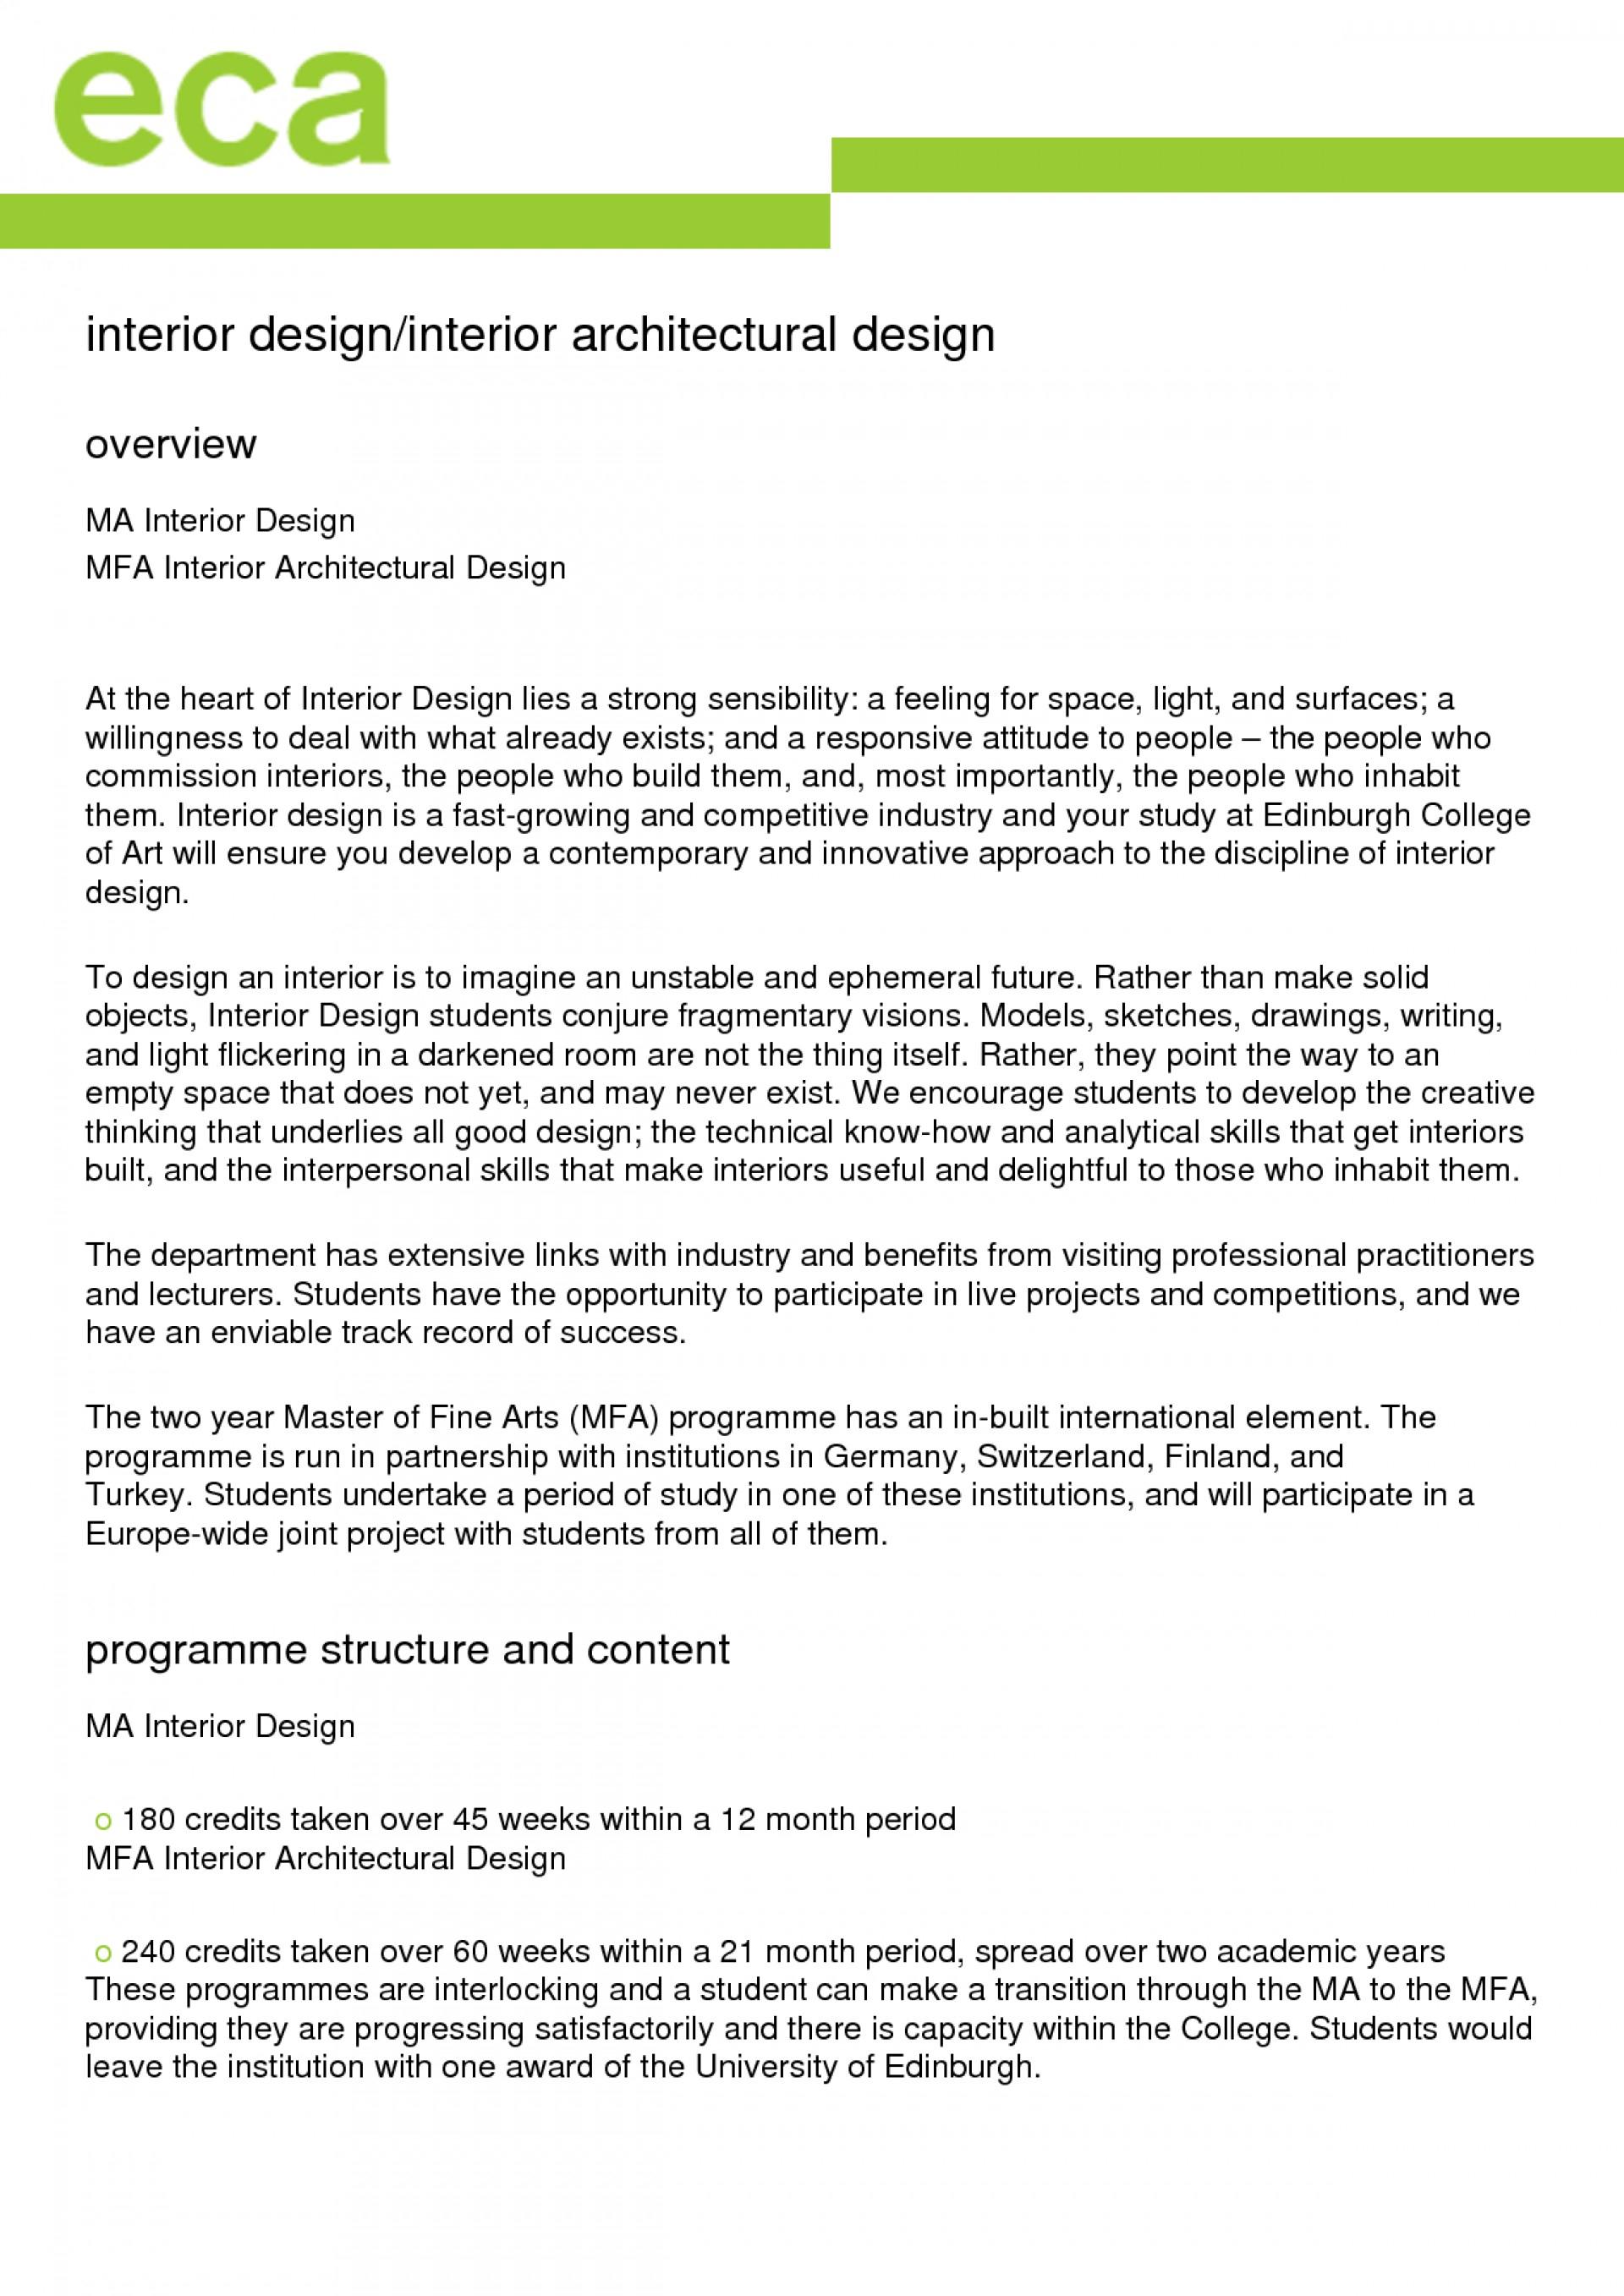 Interior Design Proposal Template Ideas Sample Outstanding Pertaining To Interior Design Proposal Template